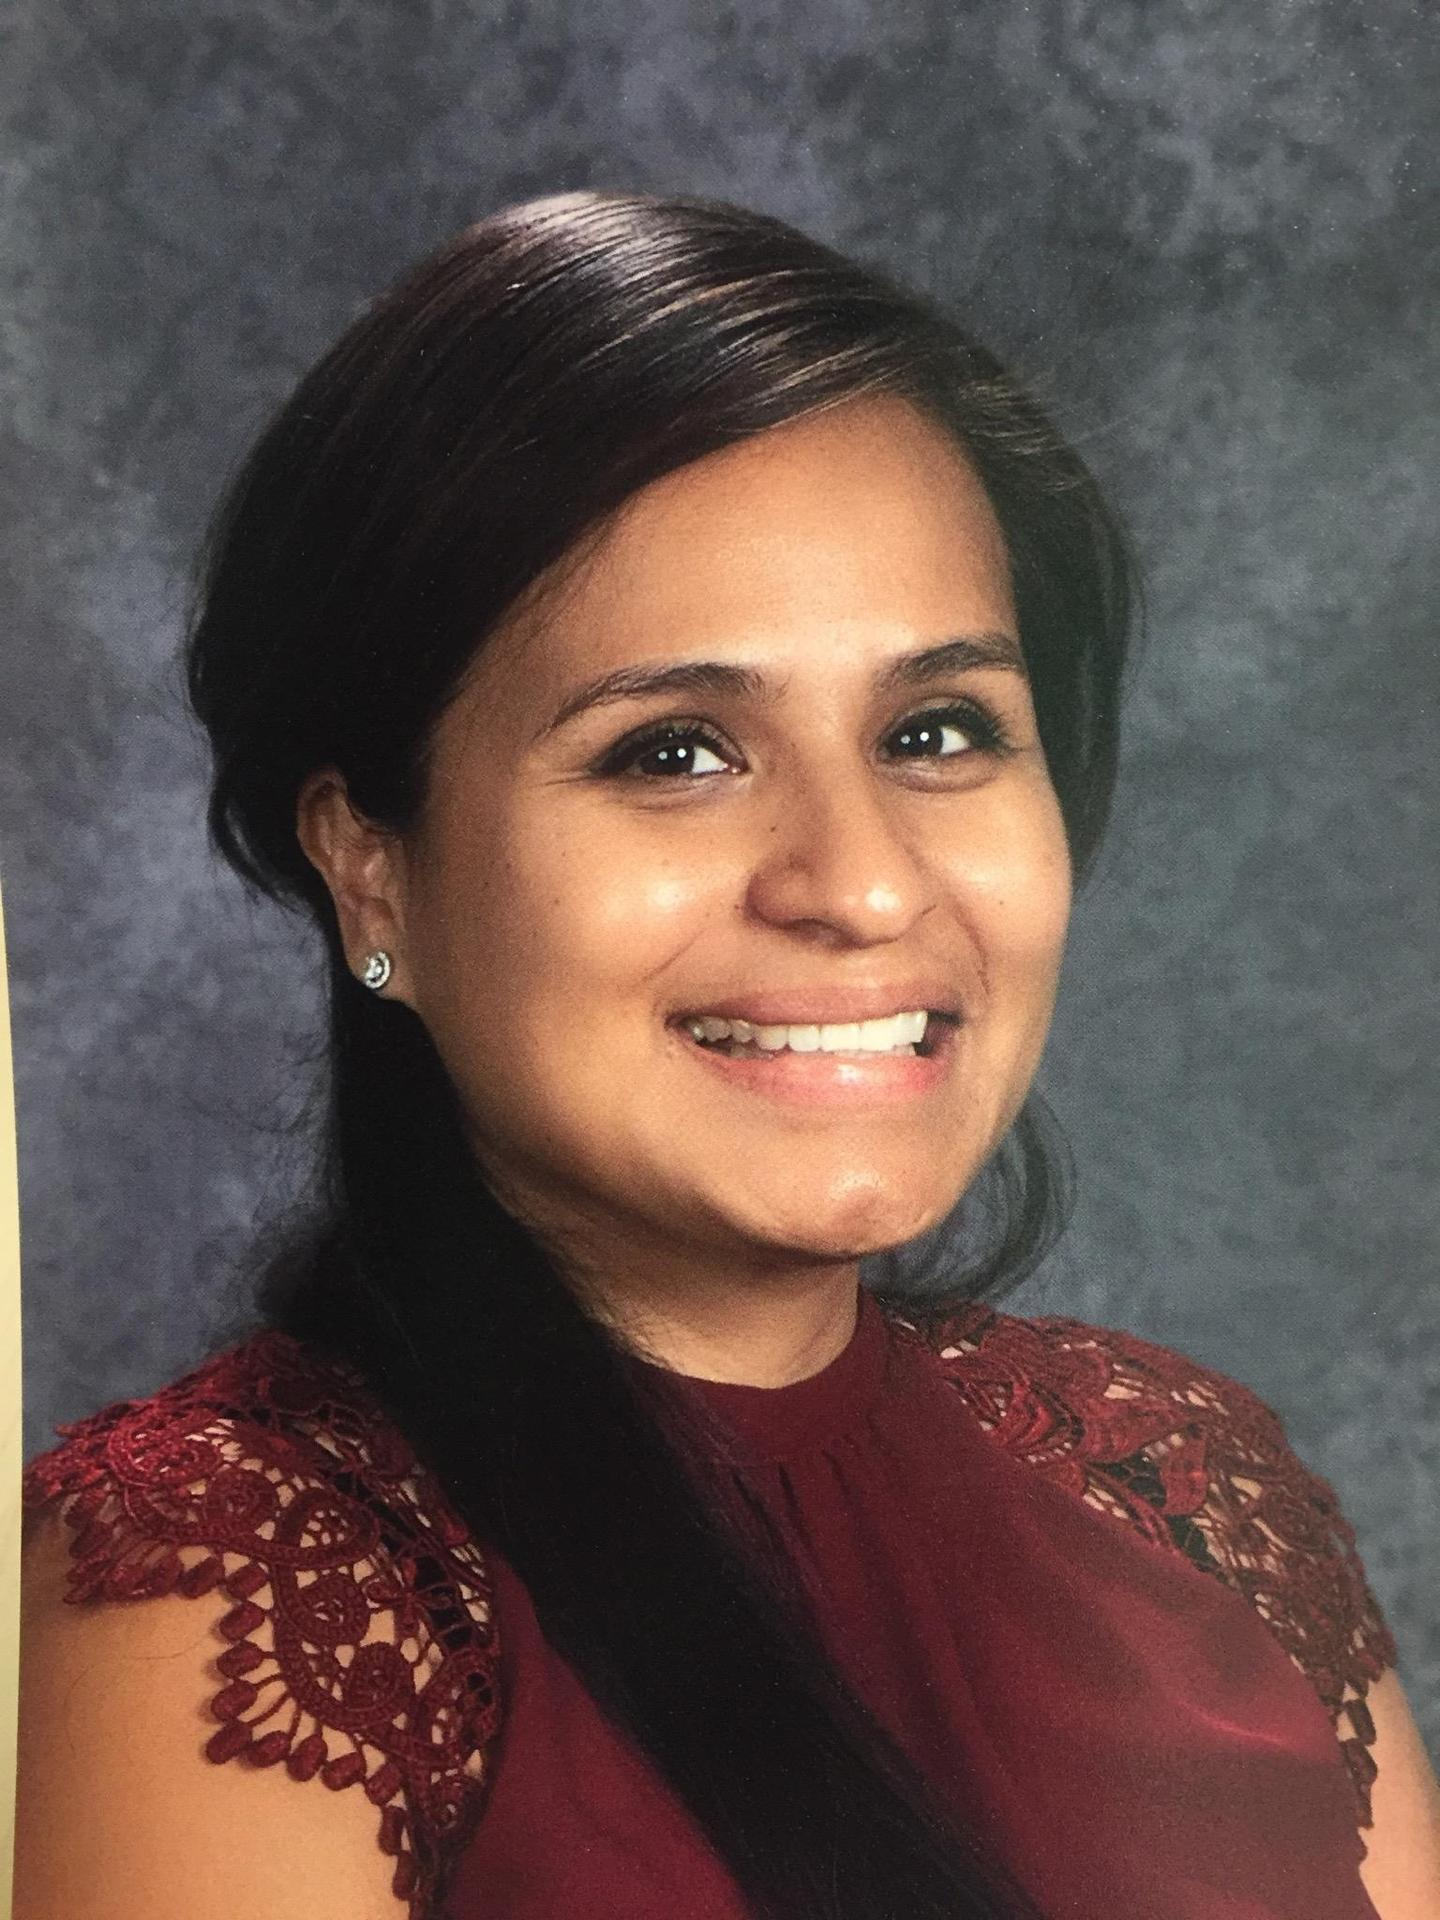 Ms. Tapia